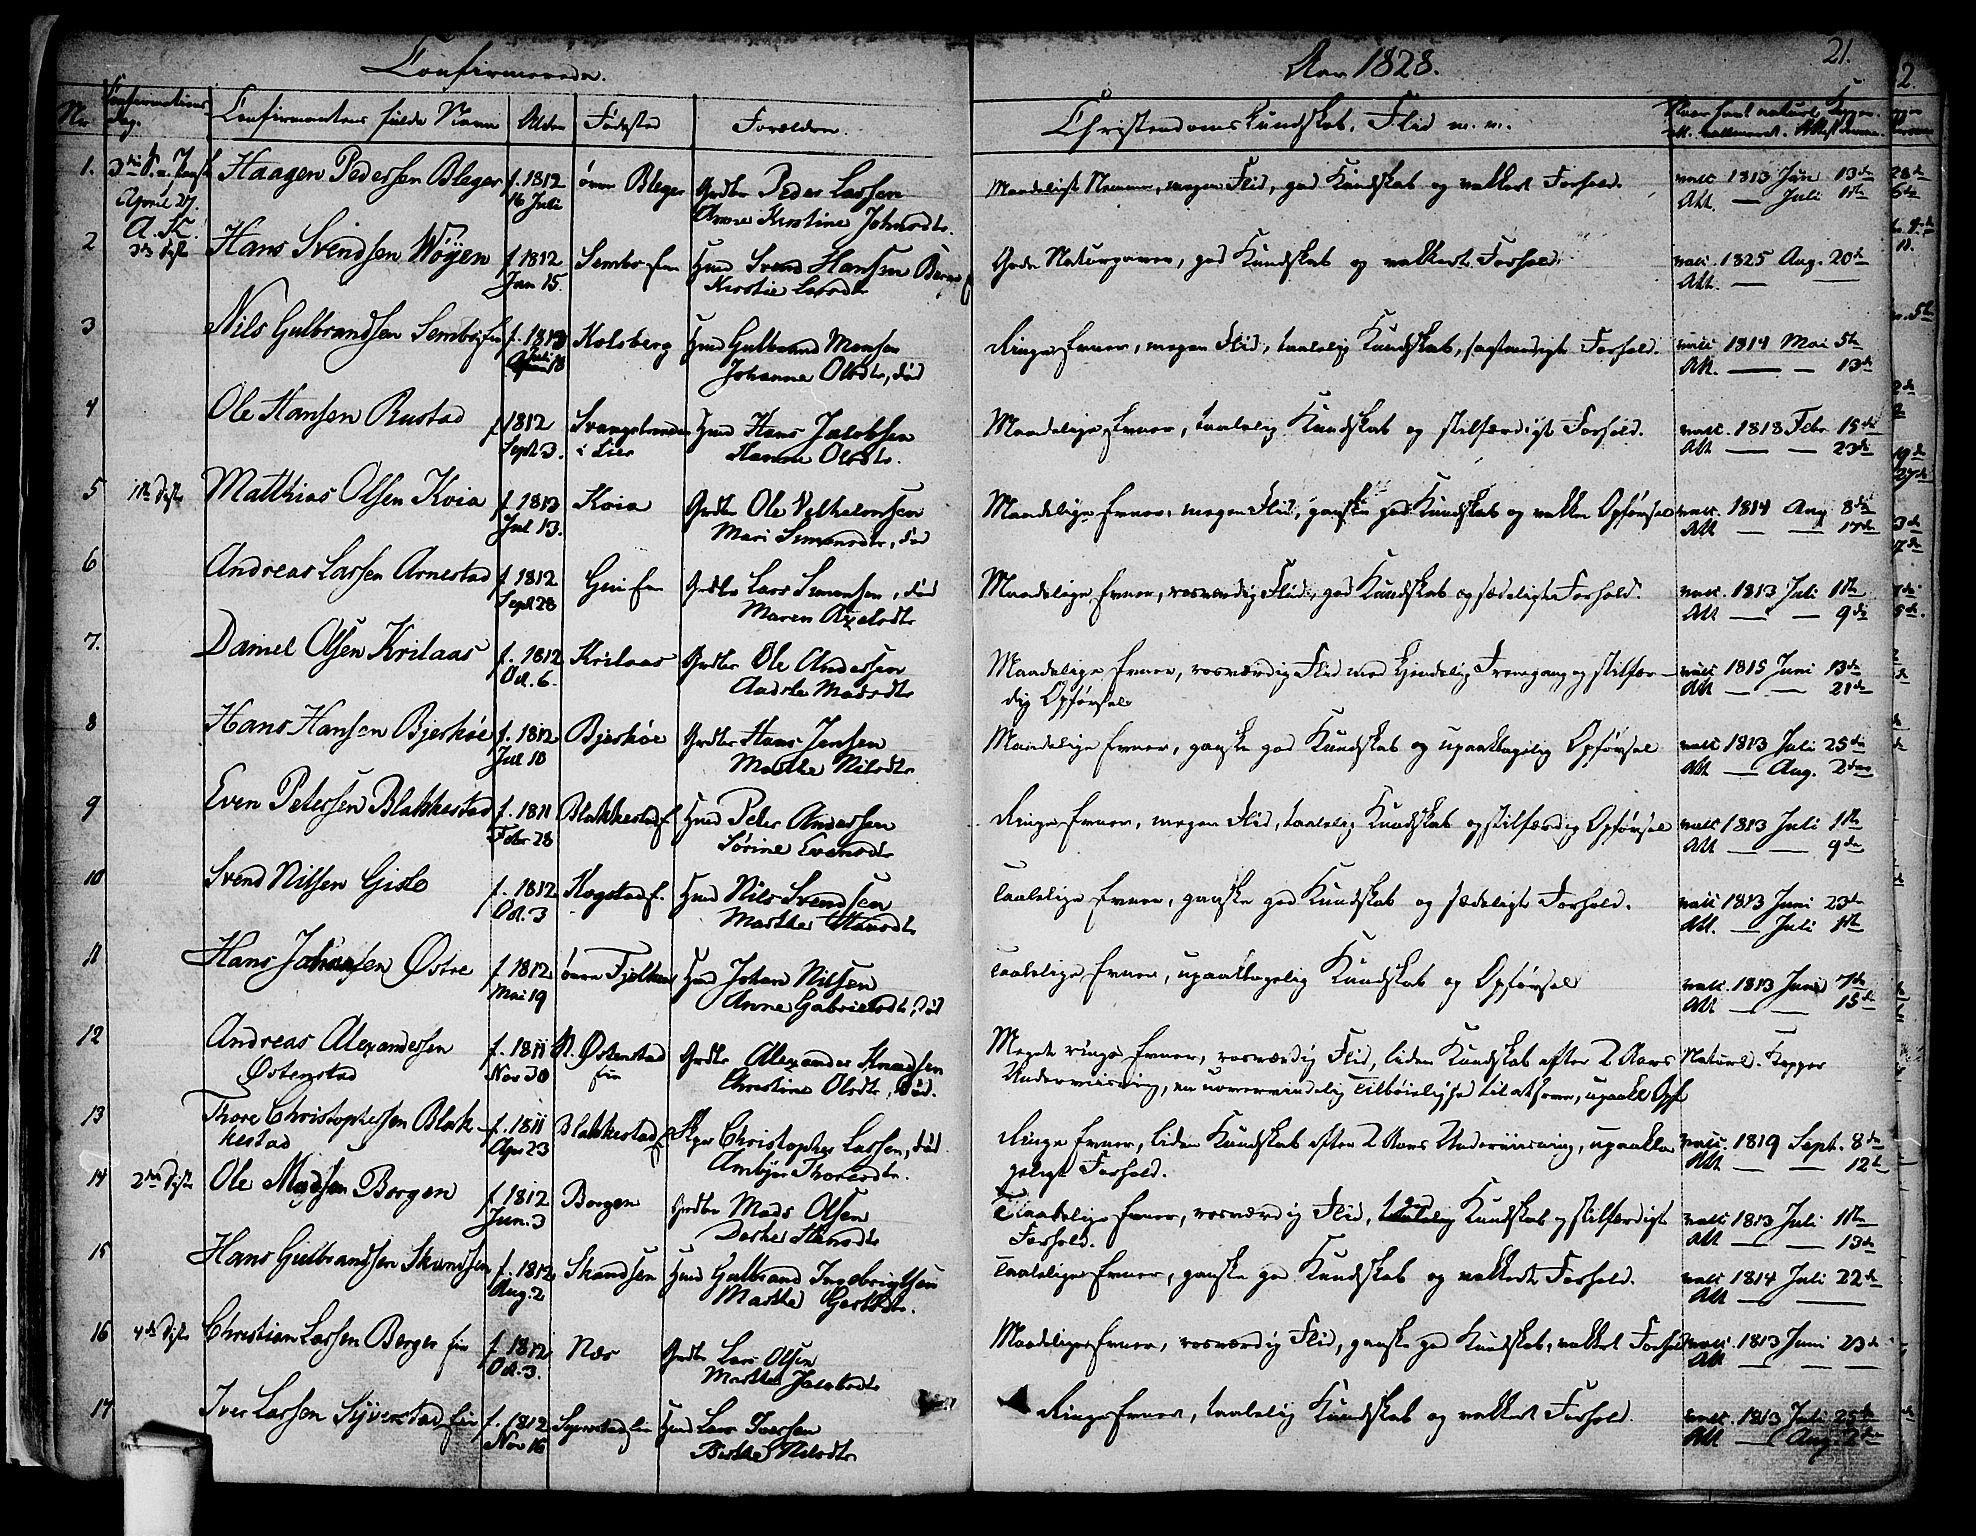 SAO, Asker prestekontor Kirkebøker, F/Fa/L0009: Ministerialbok nr. I 9, 1825-1878, s. 21